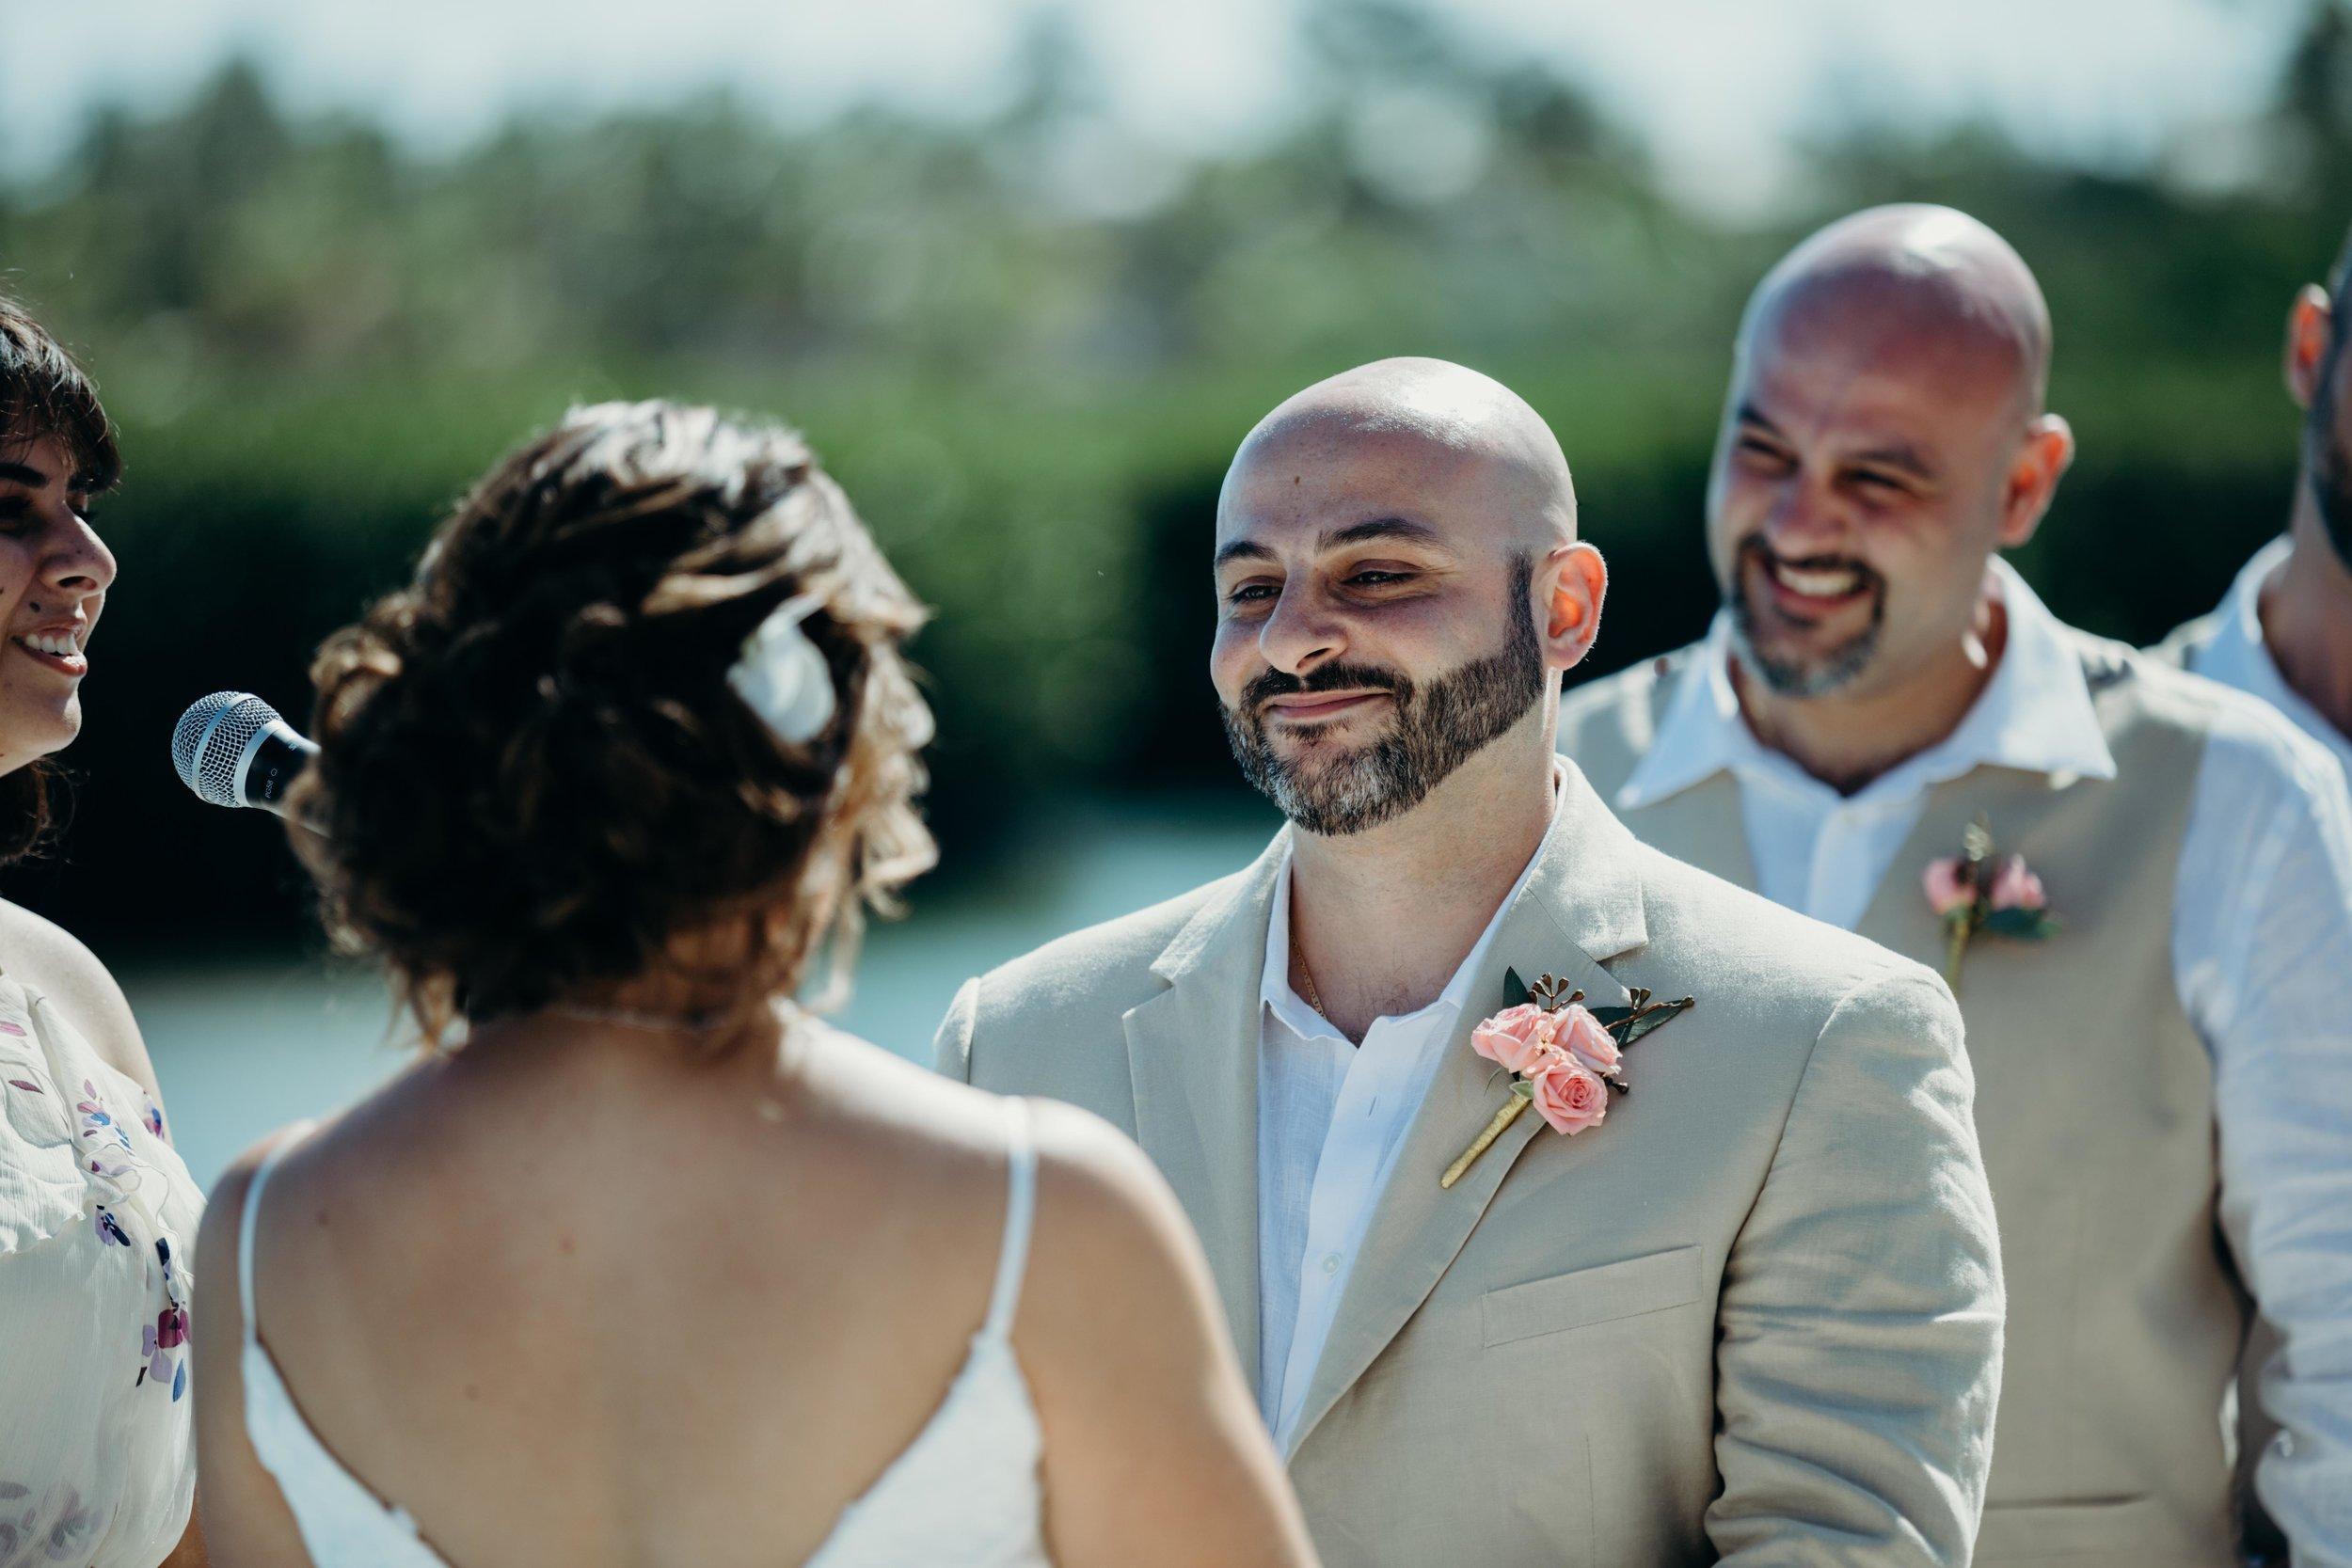 fotografia matrimonio Florida20.jpg